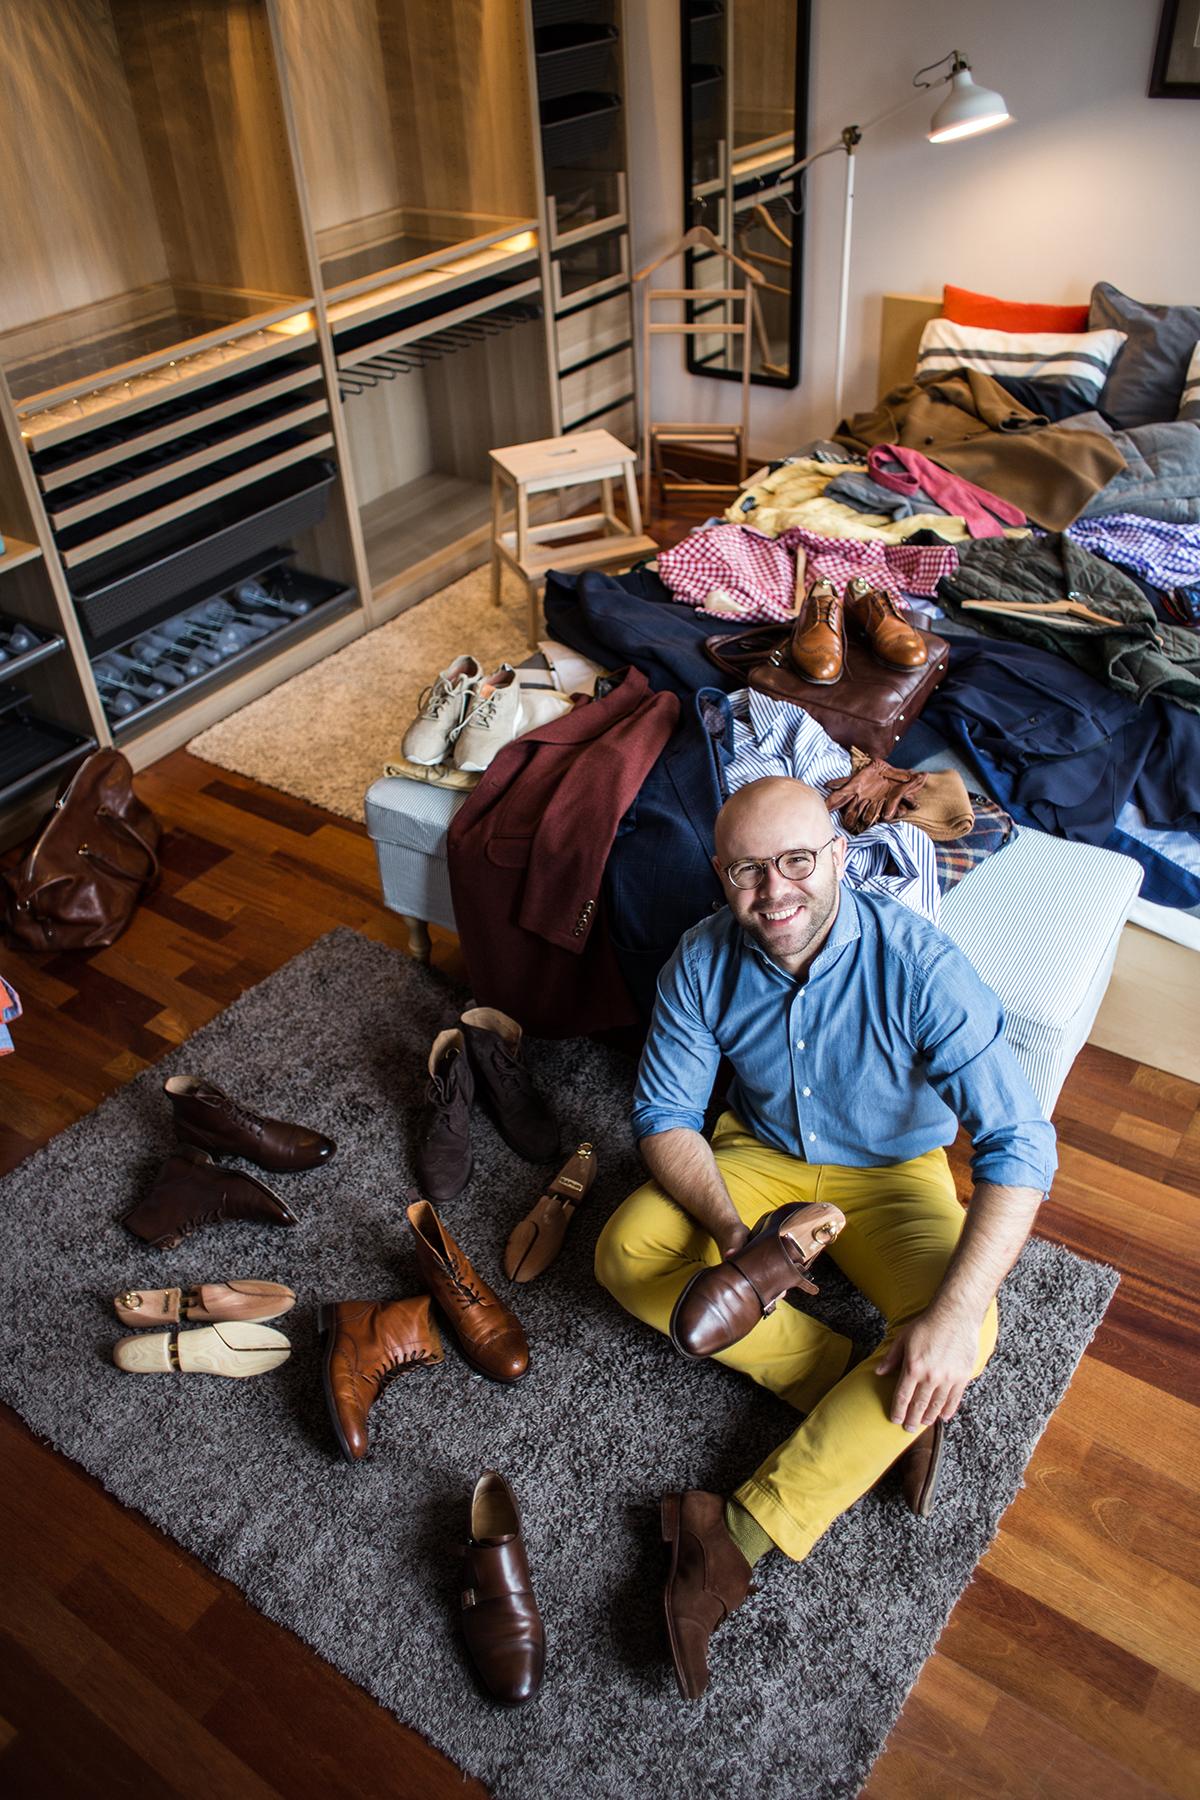 Dobrze Zorganizowana Garderoba Czyli Jak Przechowywać